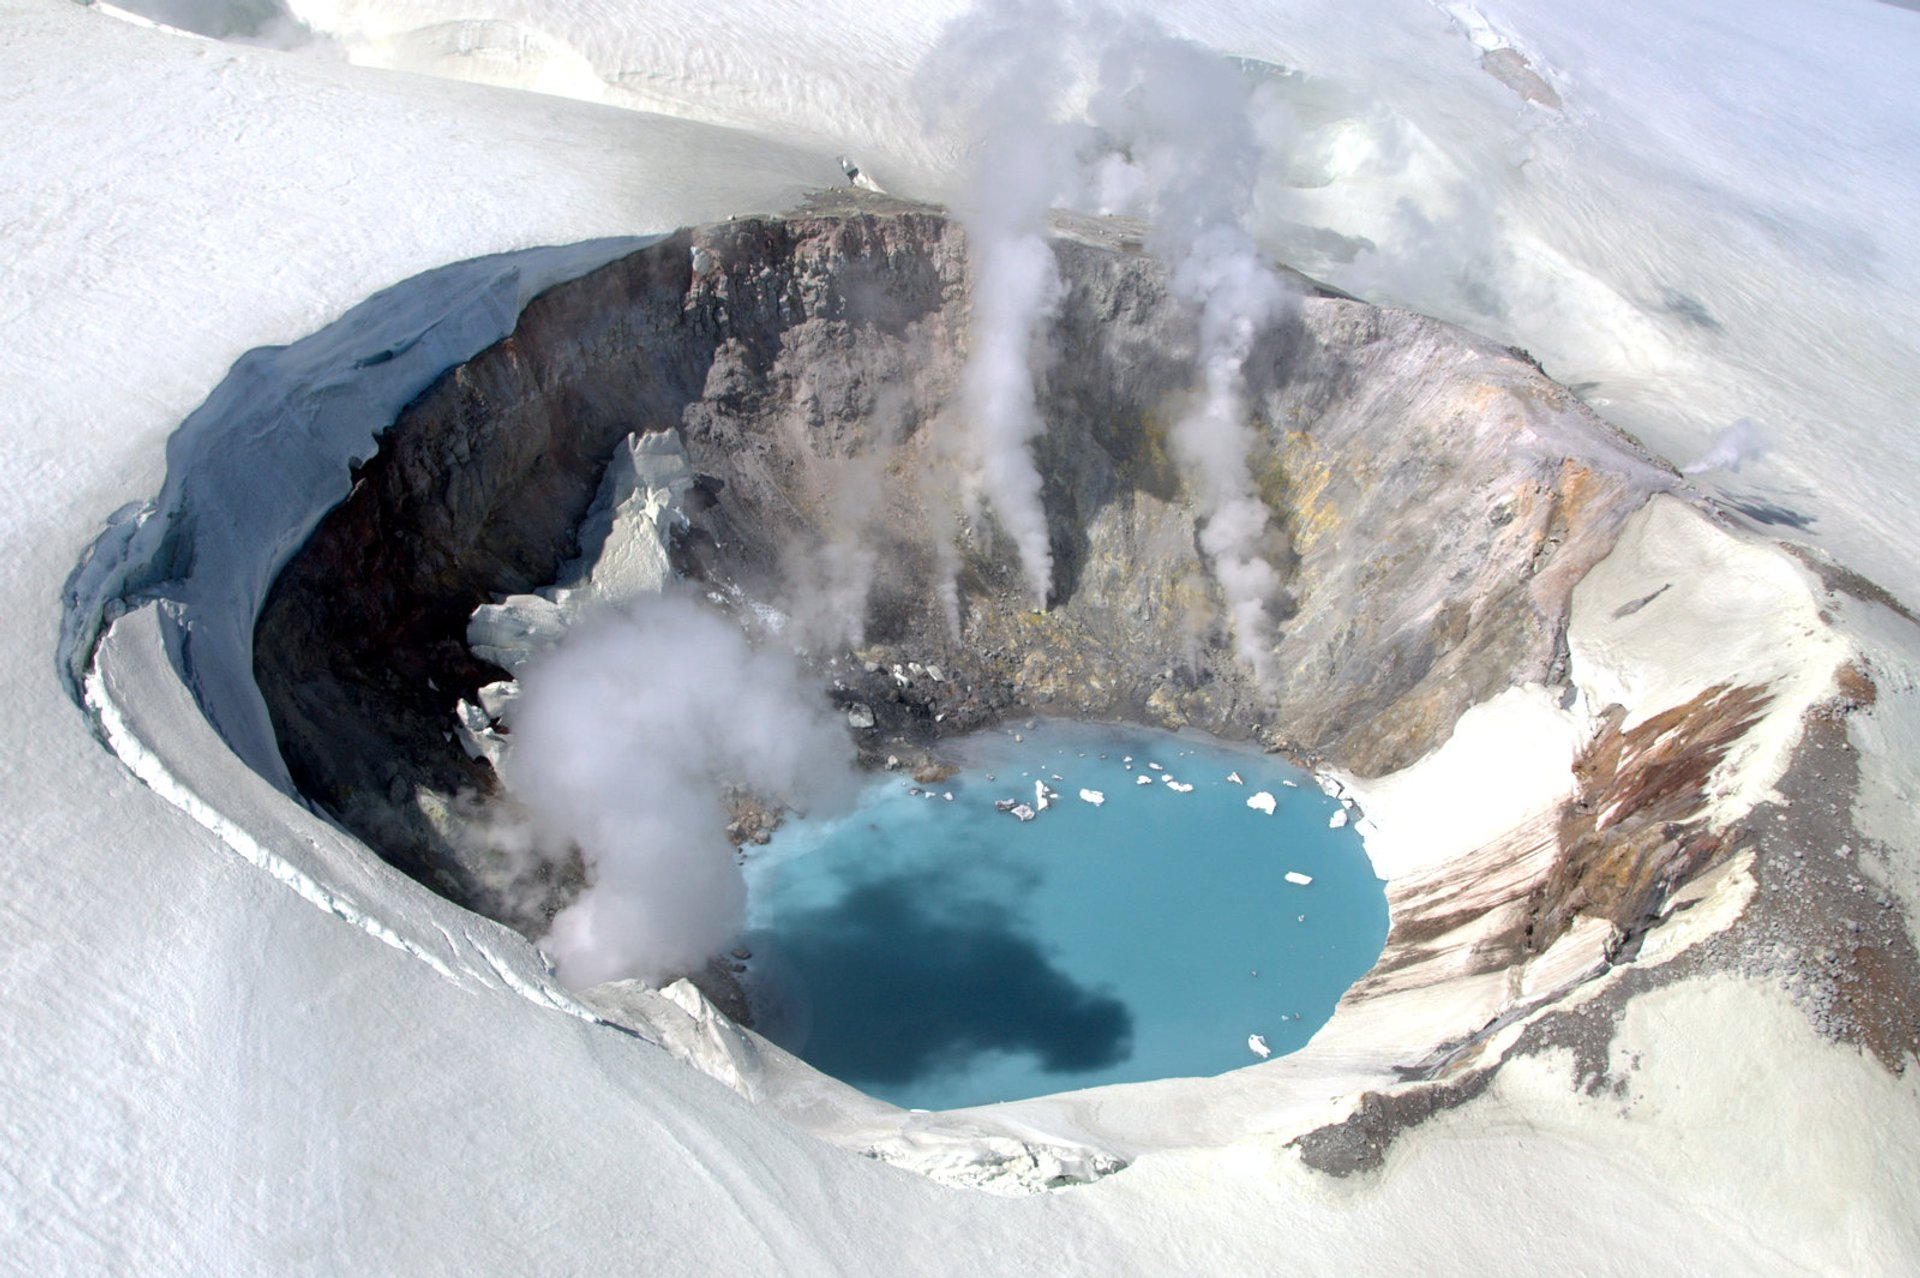 Makushin Volcano in Alaska 2020 - Best Time